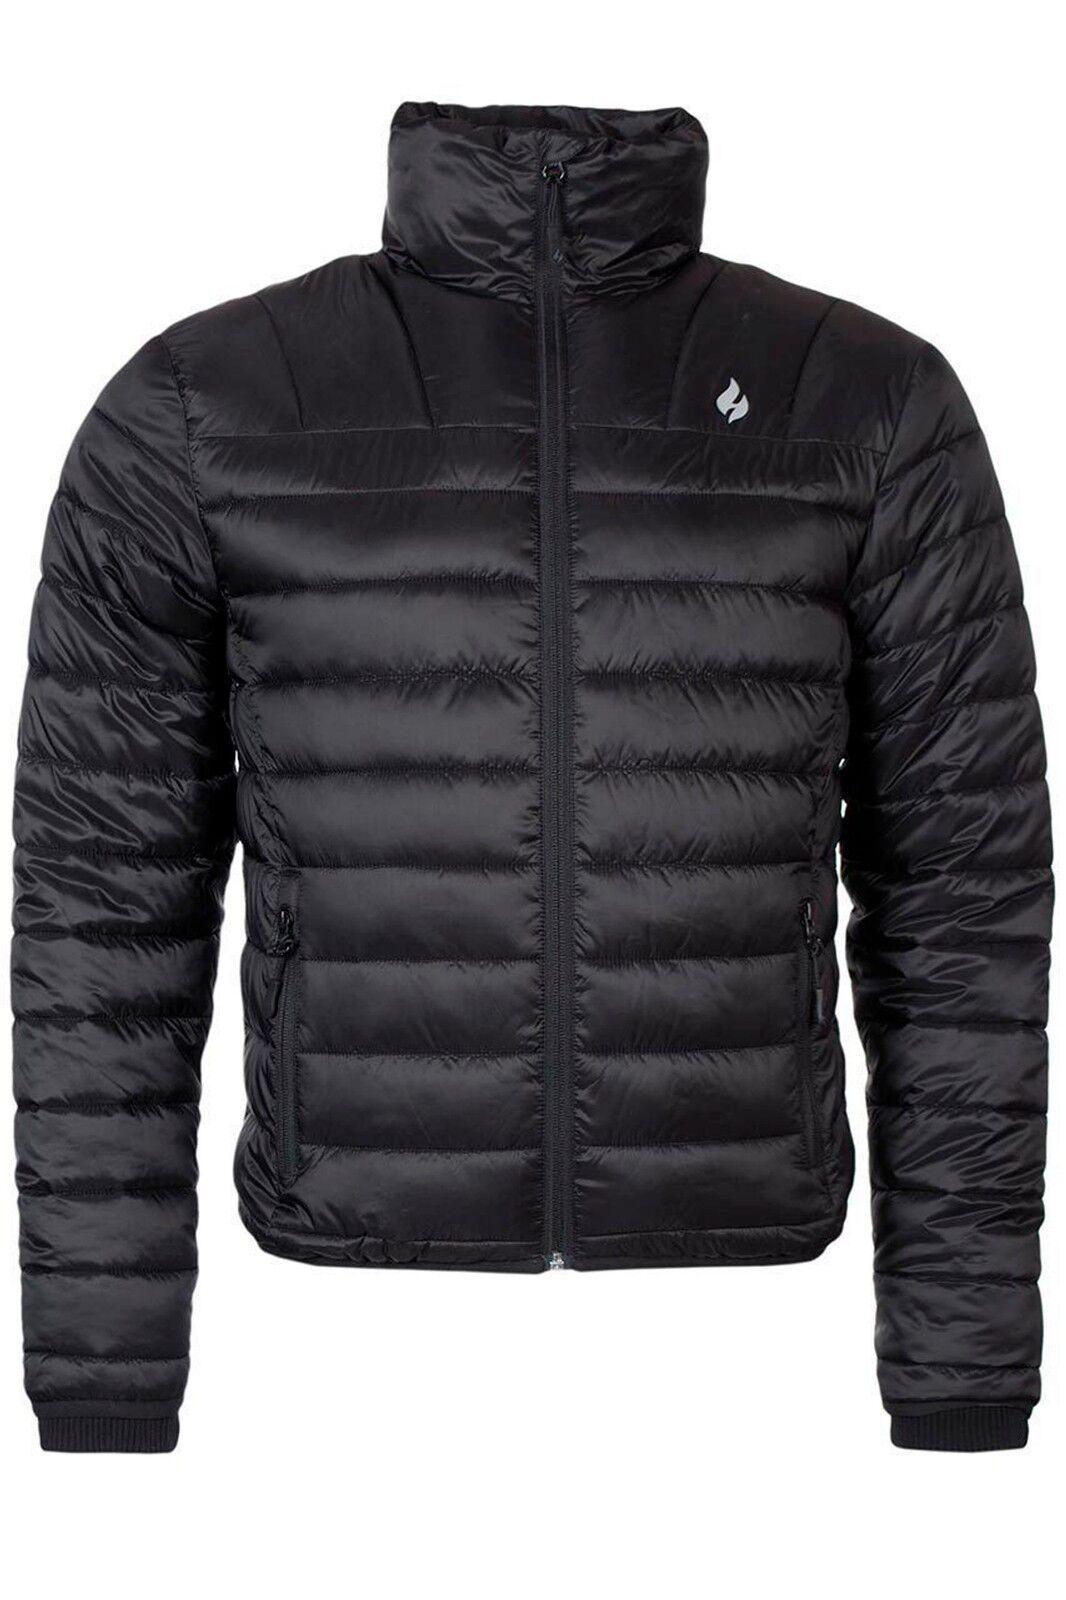 Heat Holders - Férfi téli meleg vízálló könnyű puffer kabát egy táskában